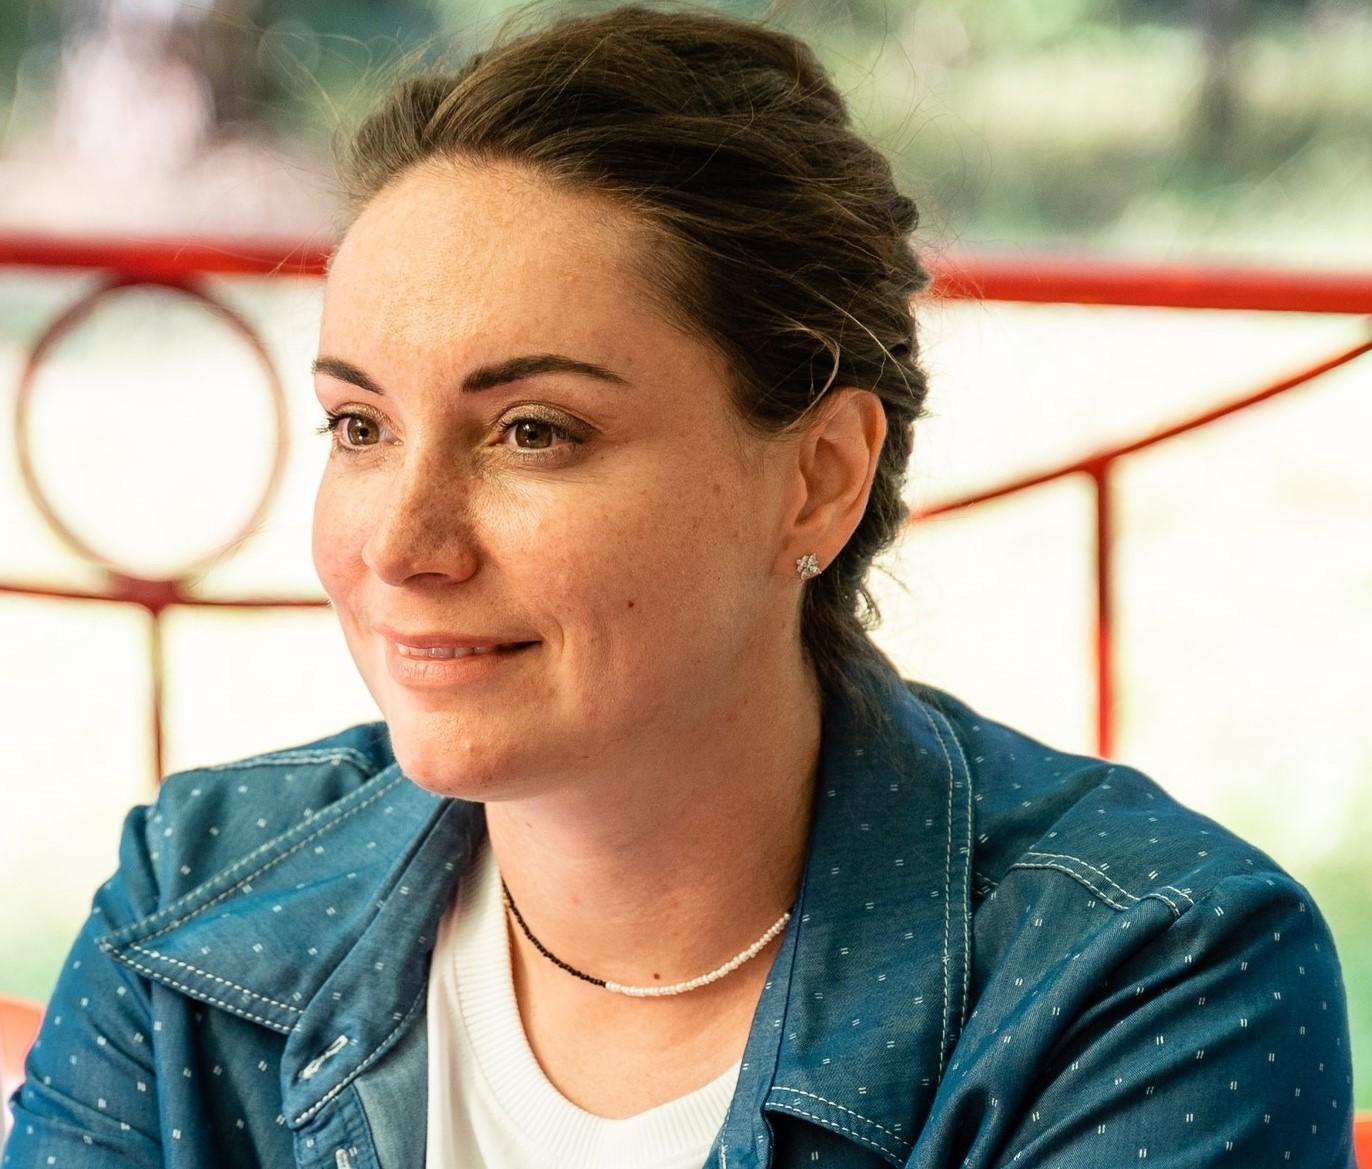 От остановки до Речного: топ-5 проектов Юлии Сарановой